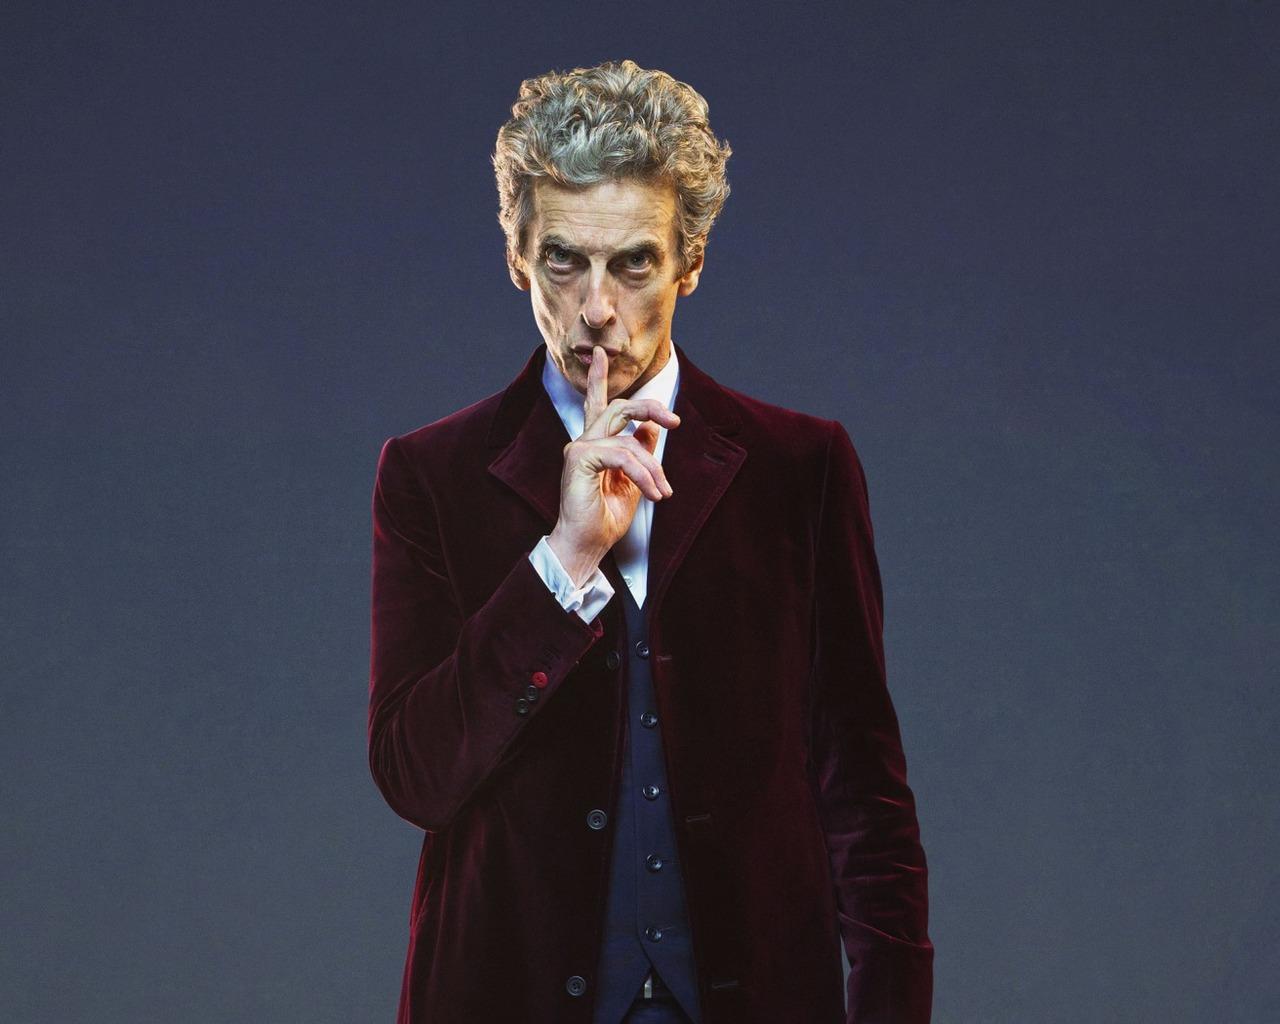 Download wallpaper 1280x1024 doctor who twelfth doctor peter 1280x1024